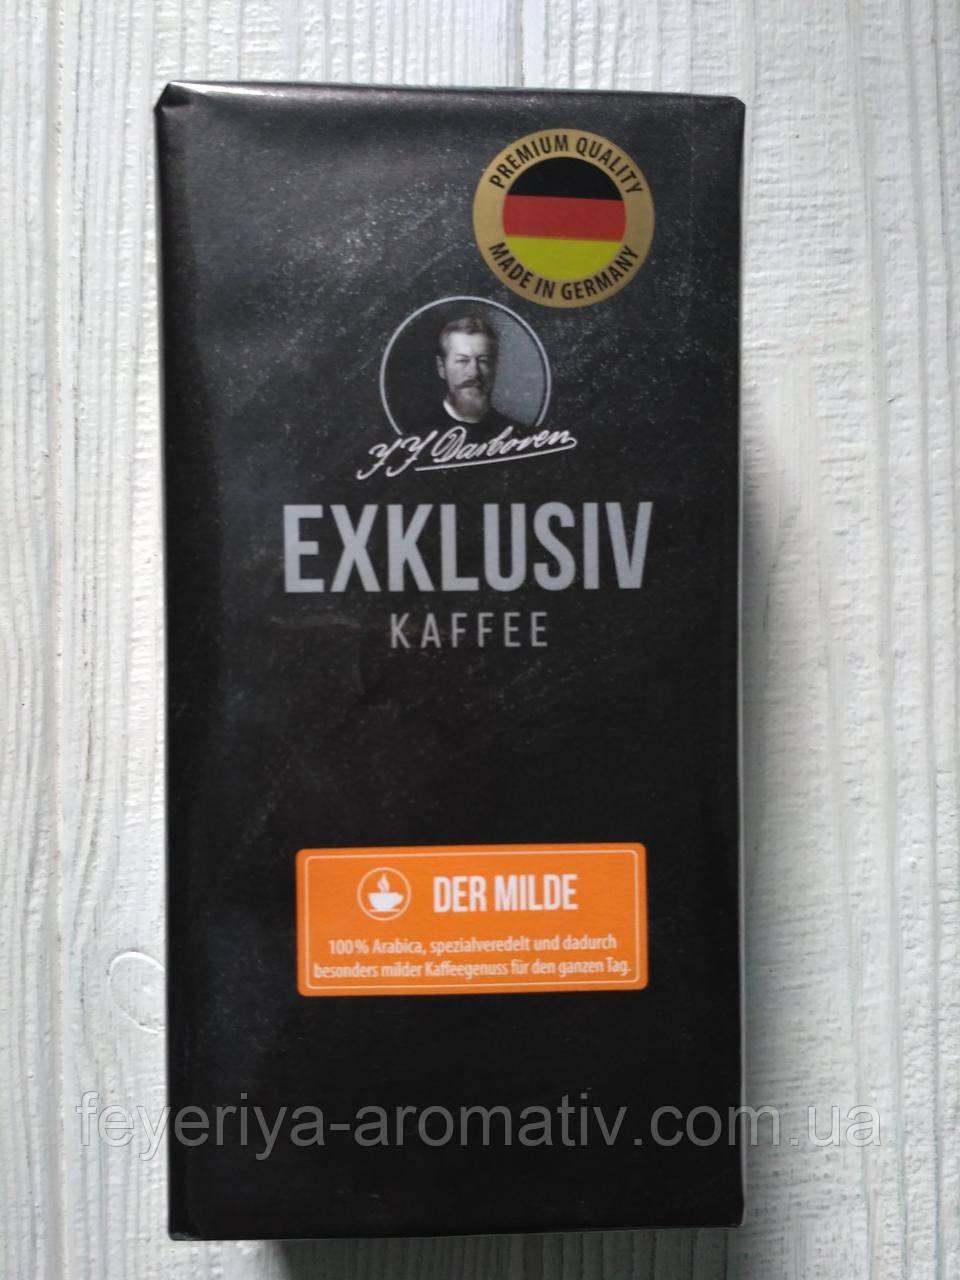 Кофе молотый Exklusiv Kaffee Der Milde 250гр. (Германия)